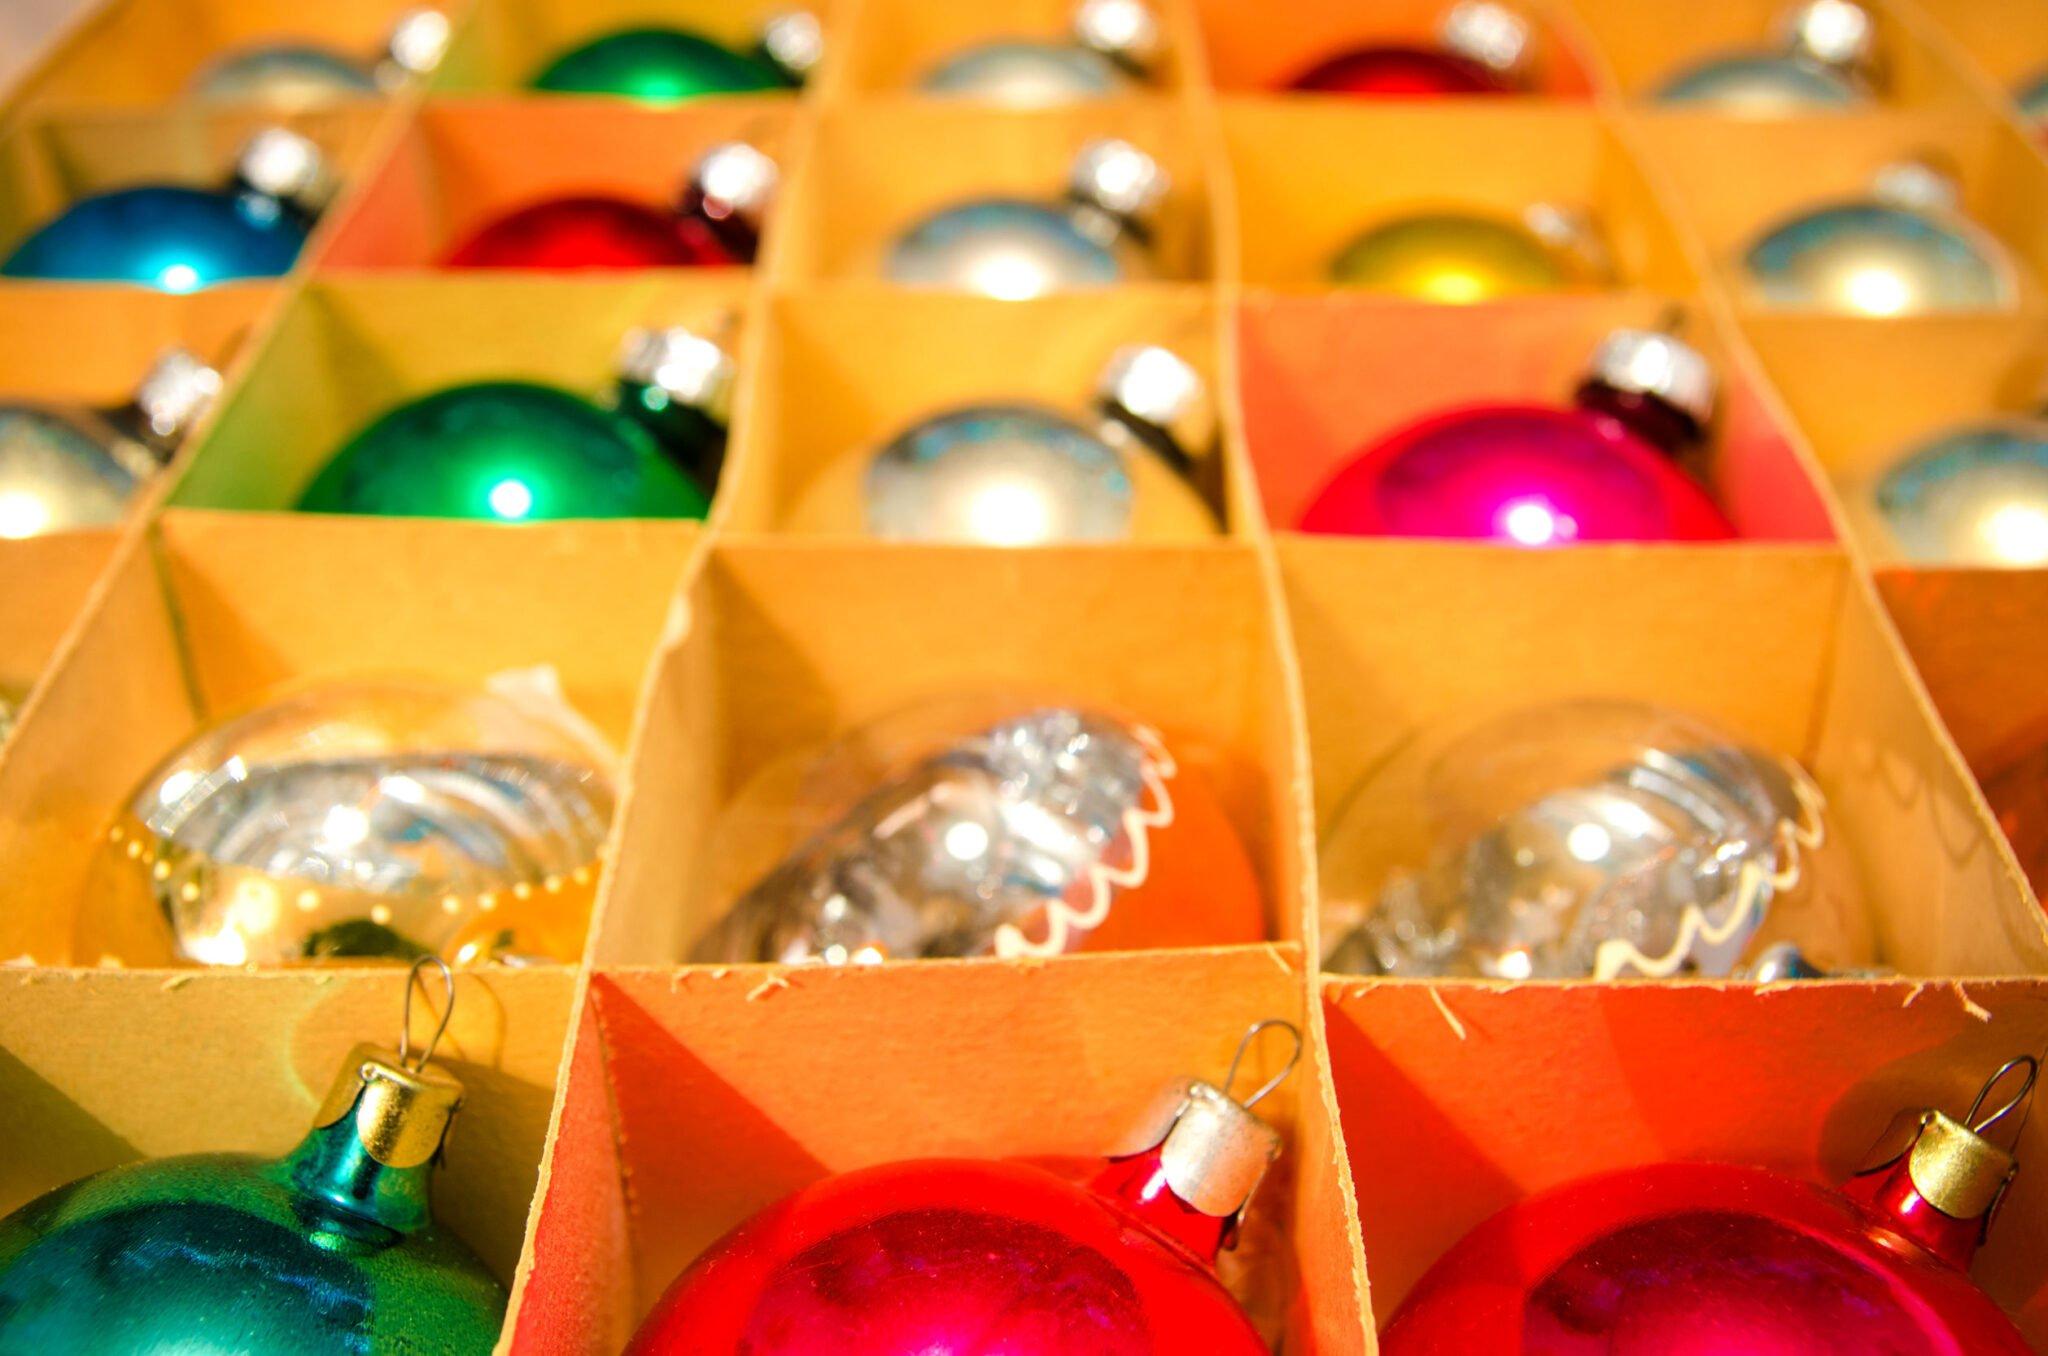 Tips om je kerstspullen te organiseren; van kerstballen tot verlichting en kerstboom - Mamaliefde.nl